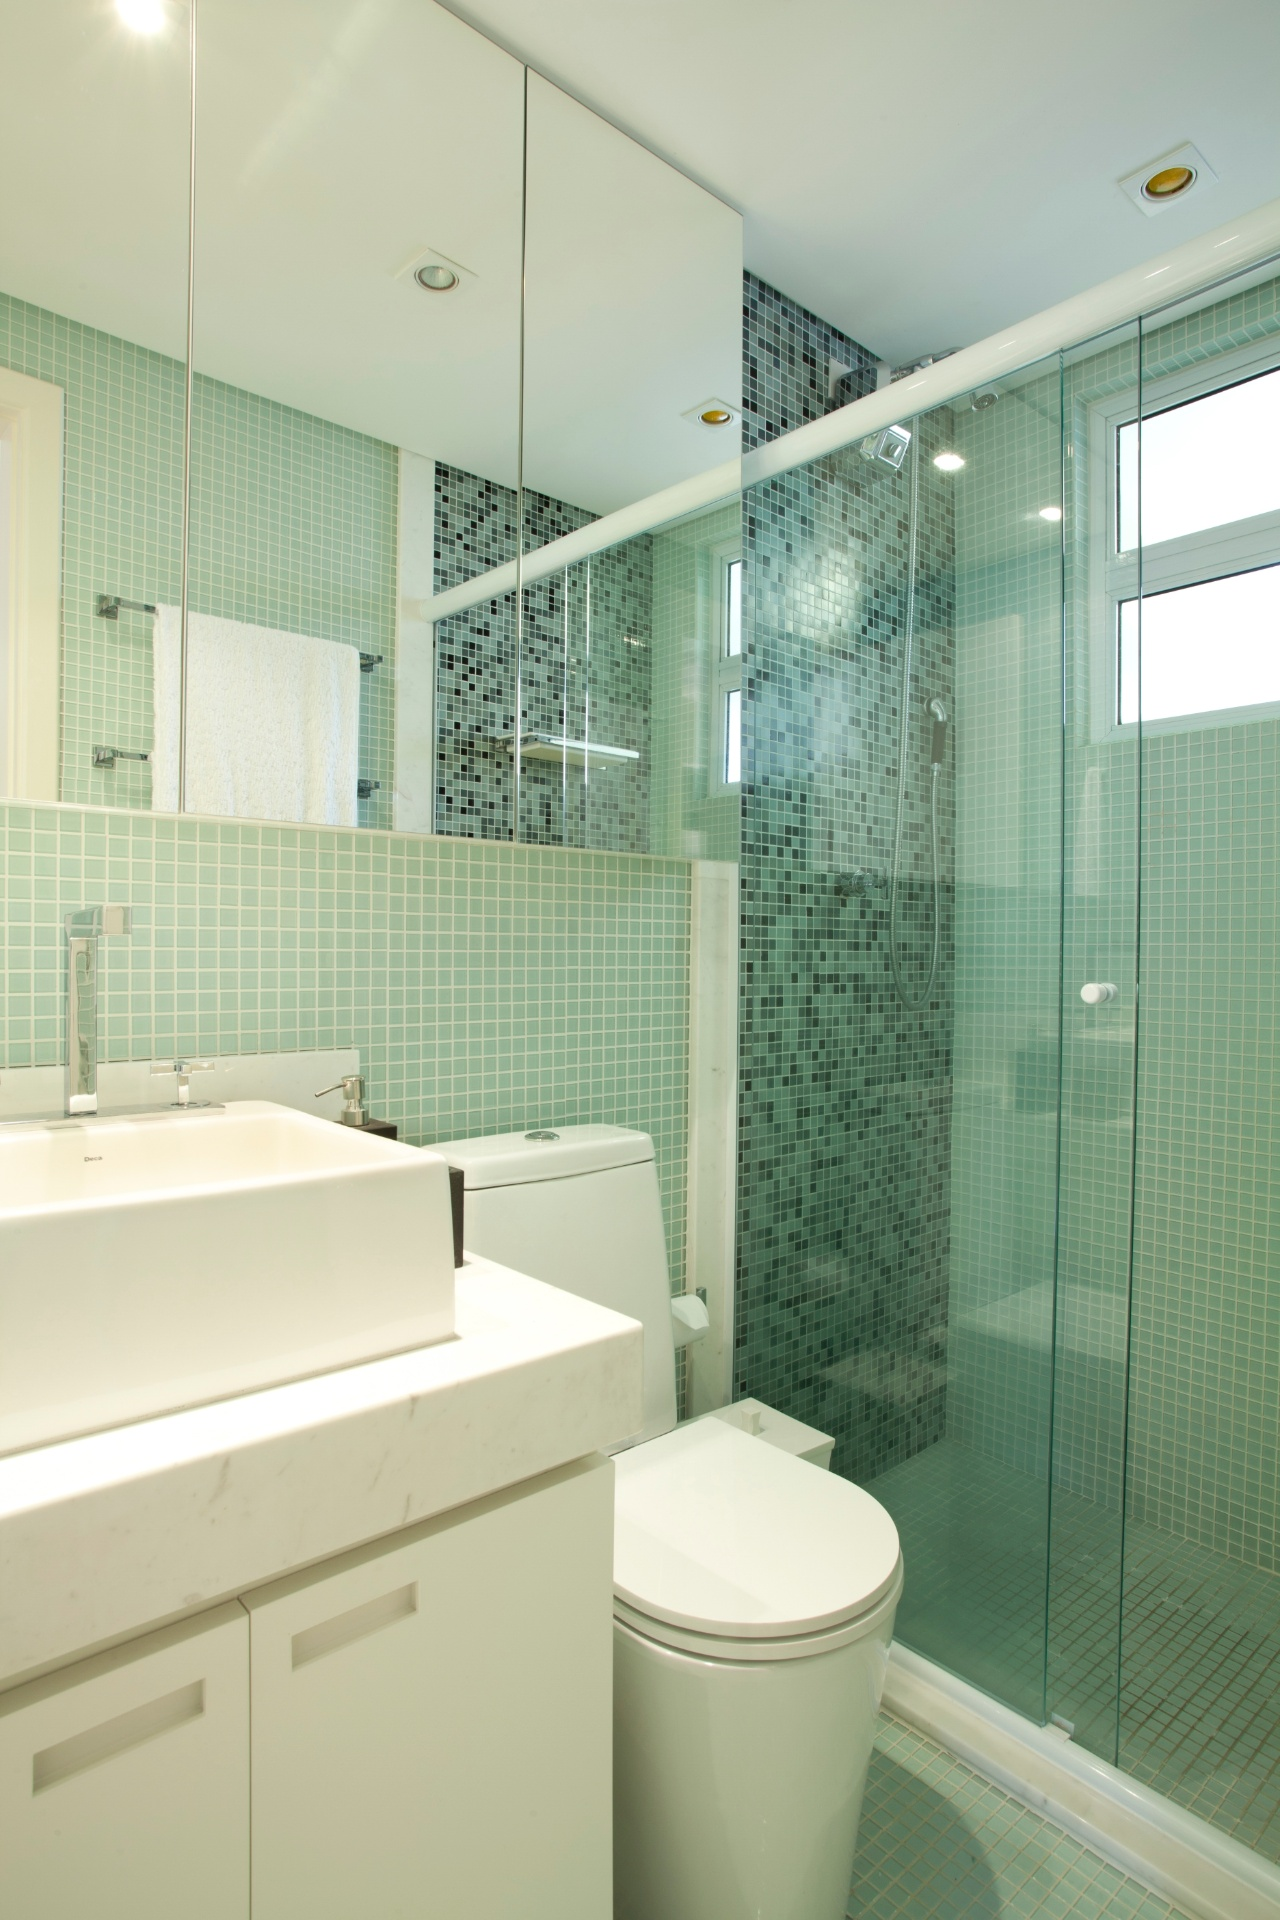 de alumínio Alamarco. O projeto de interiores é de Adriana Fontana #7A7351 1280 1920